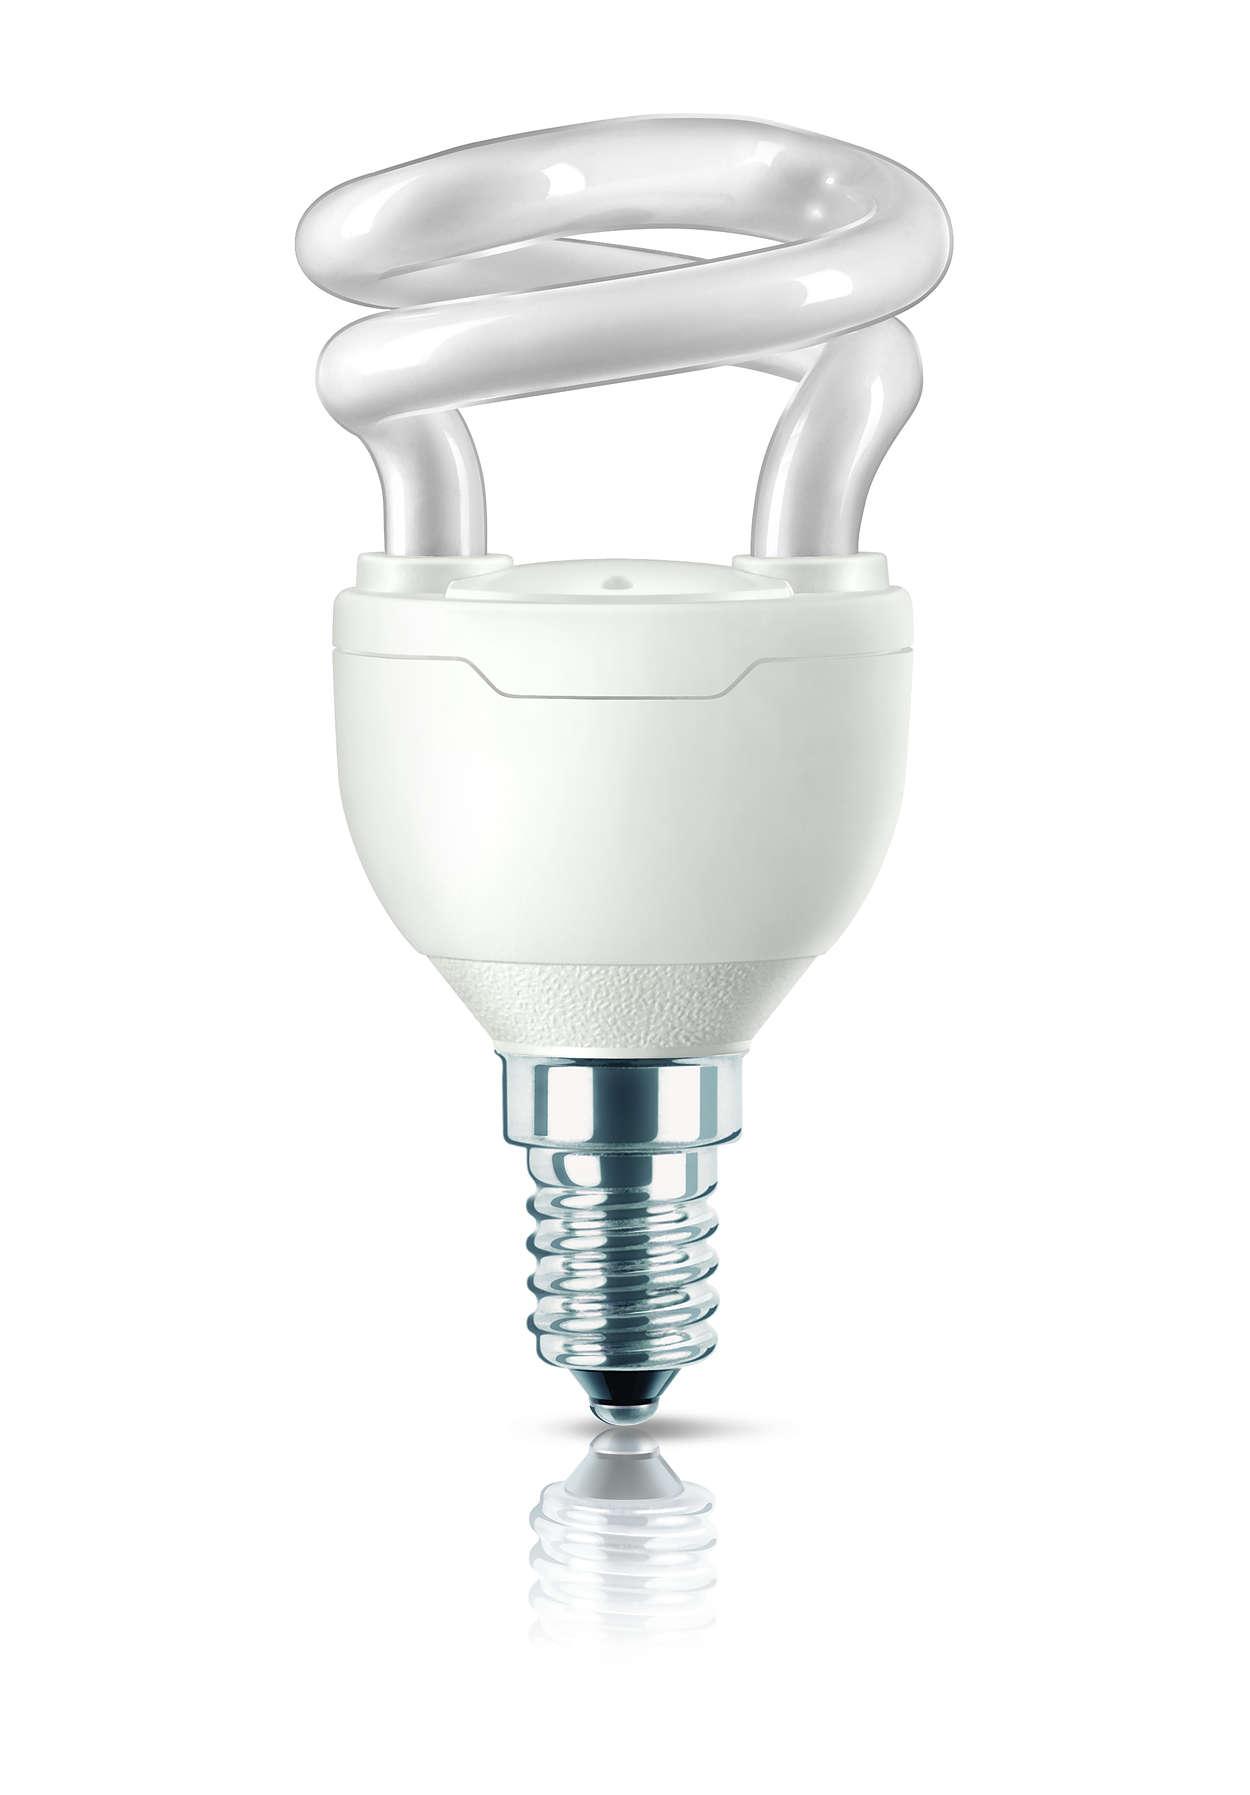 La più piccola lampadina a risparmio energetico